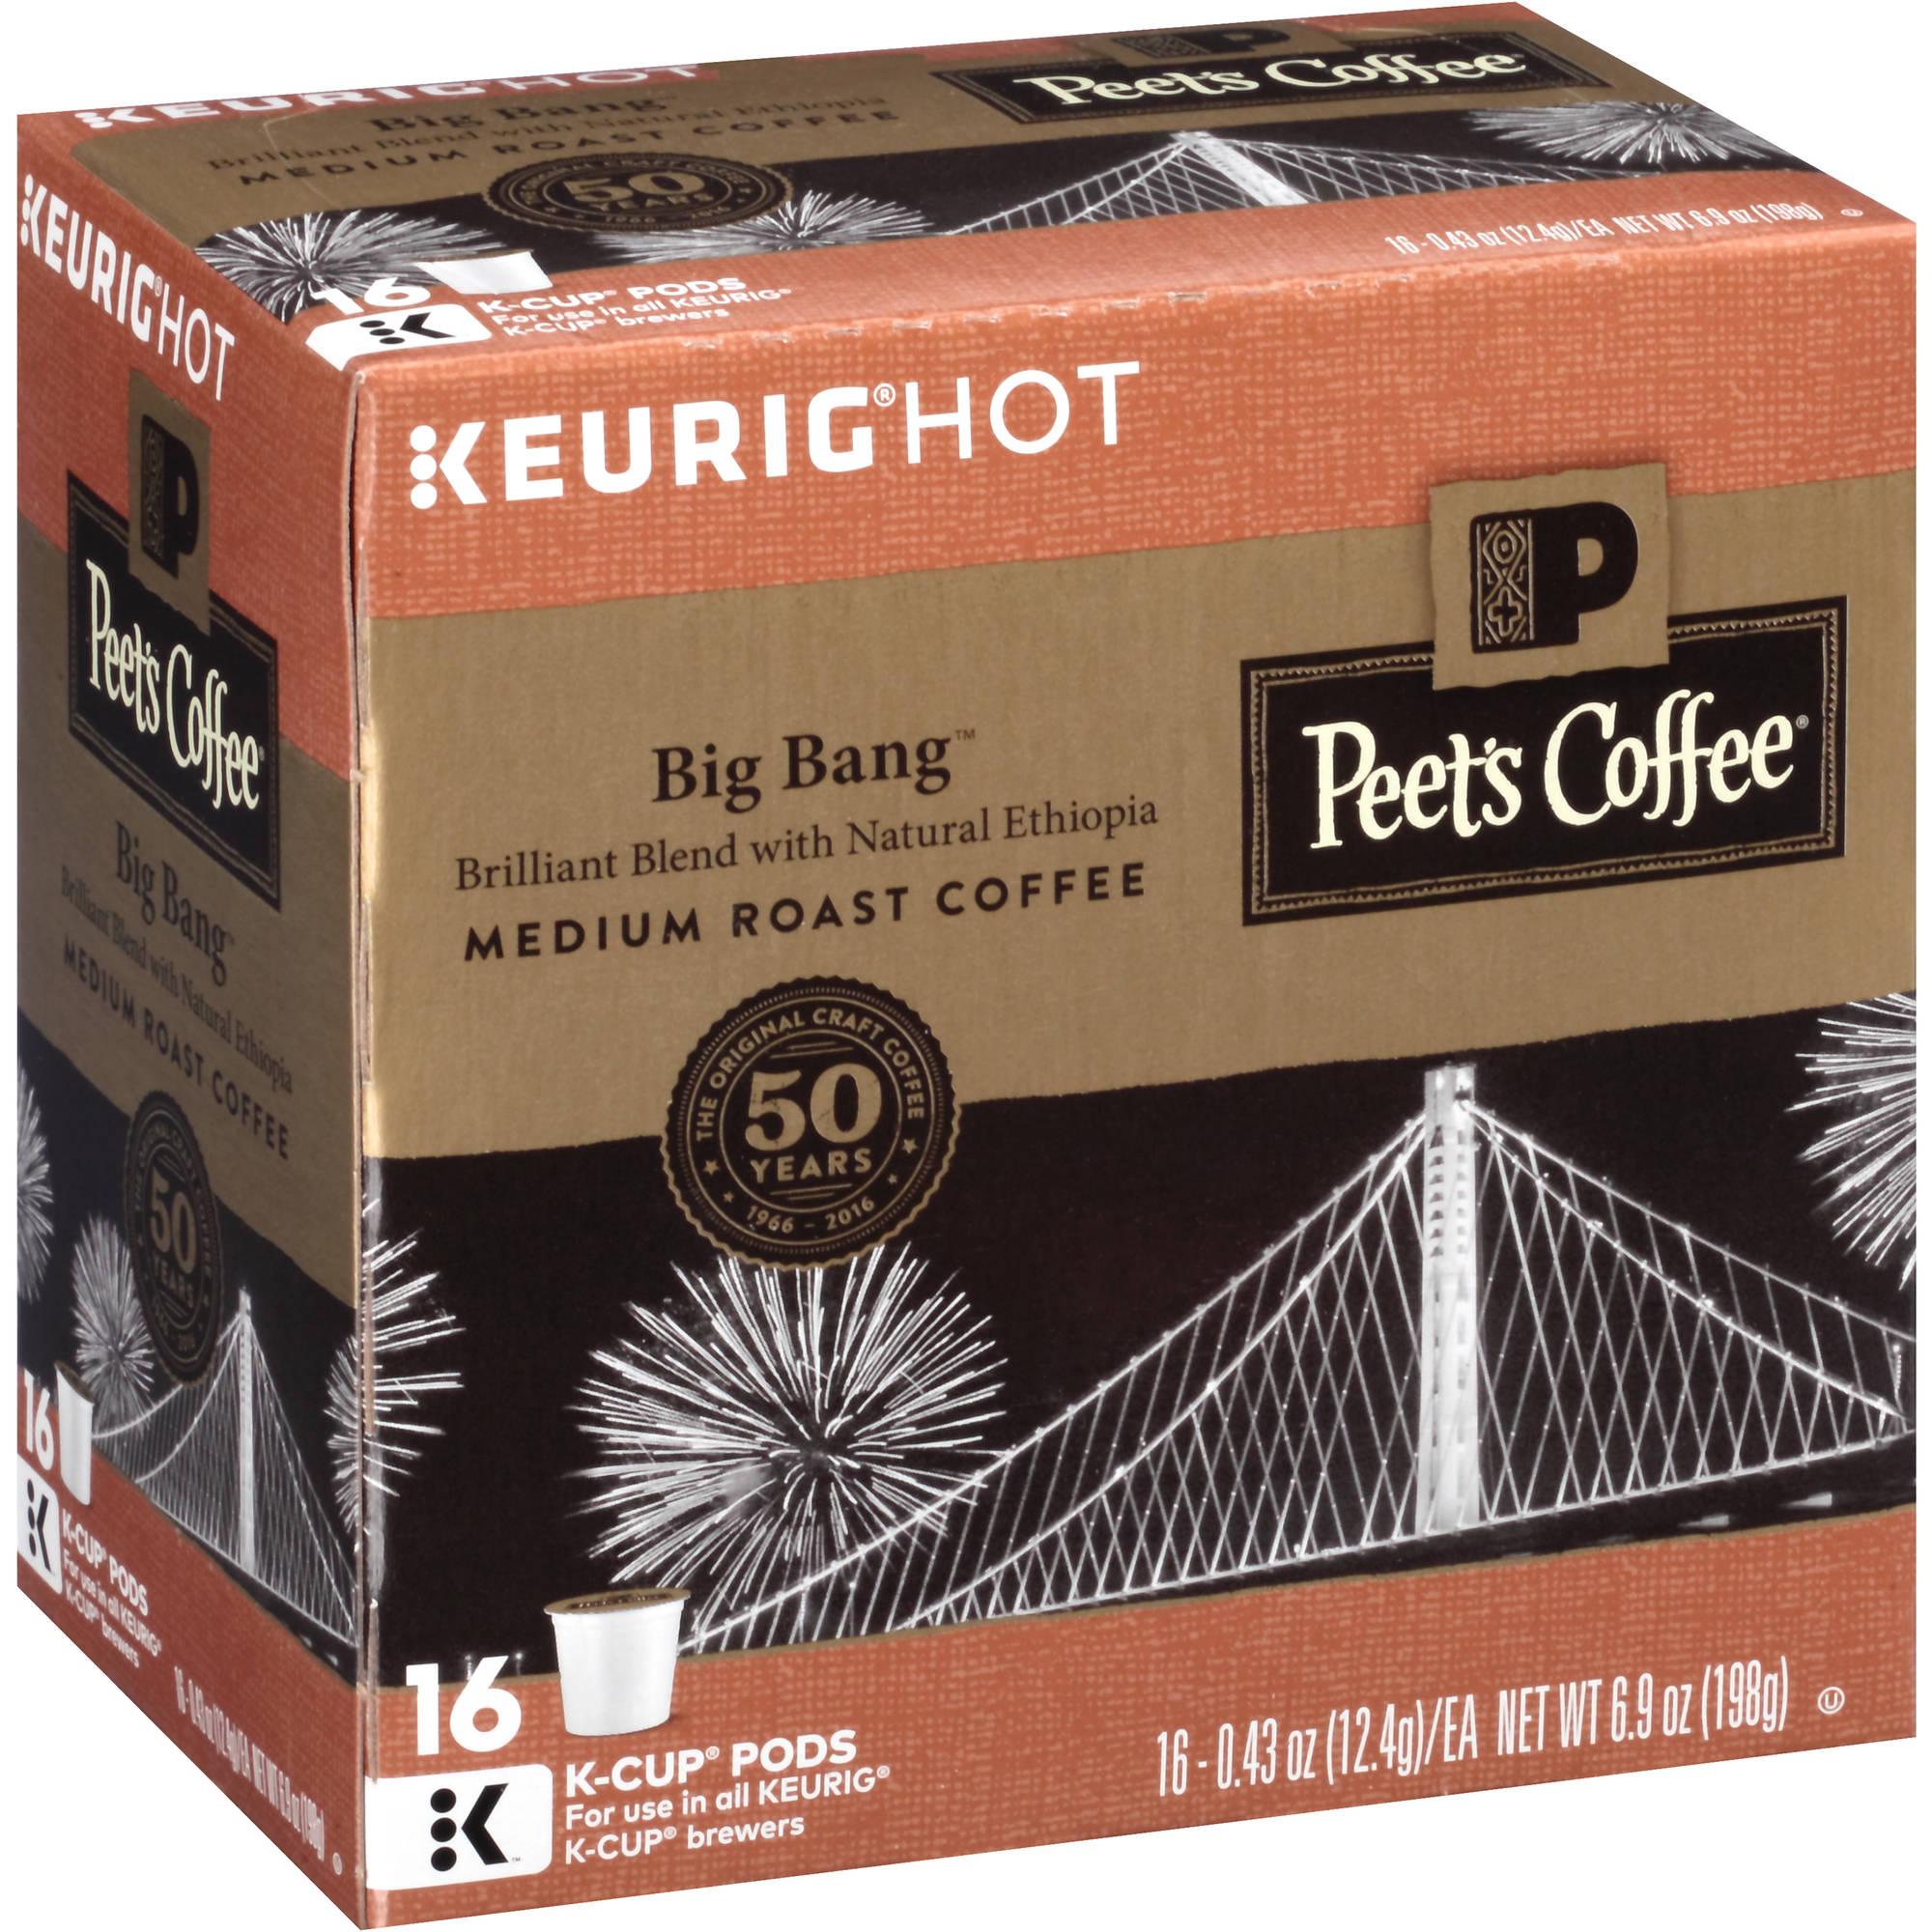 Peet's Coffee Keurig Hot Big Bang Medium Roast Coffee K-Cup Pods, .43 oz, 16 count